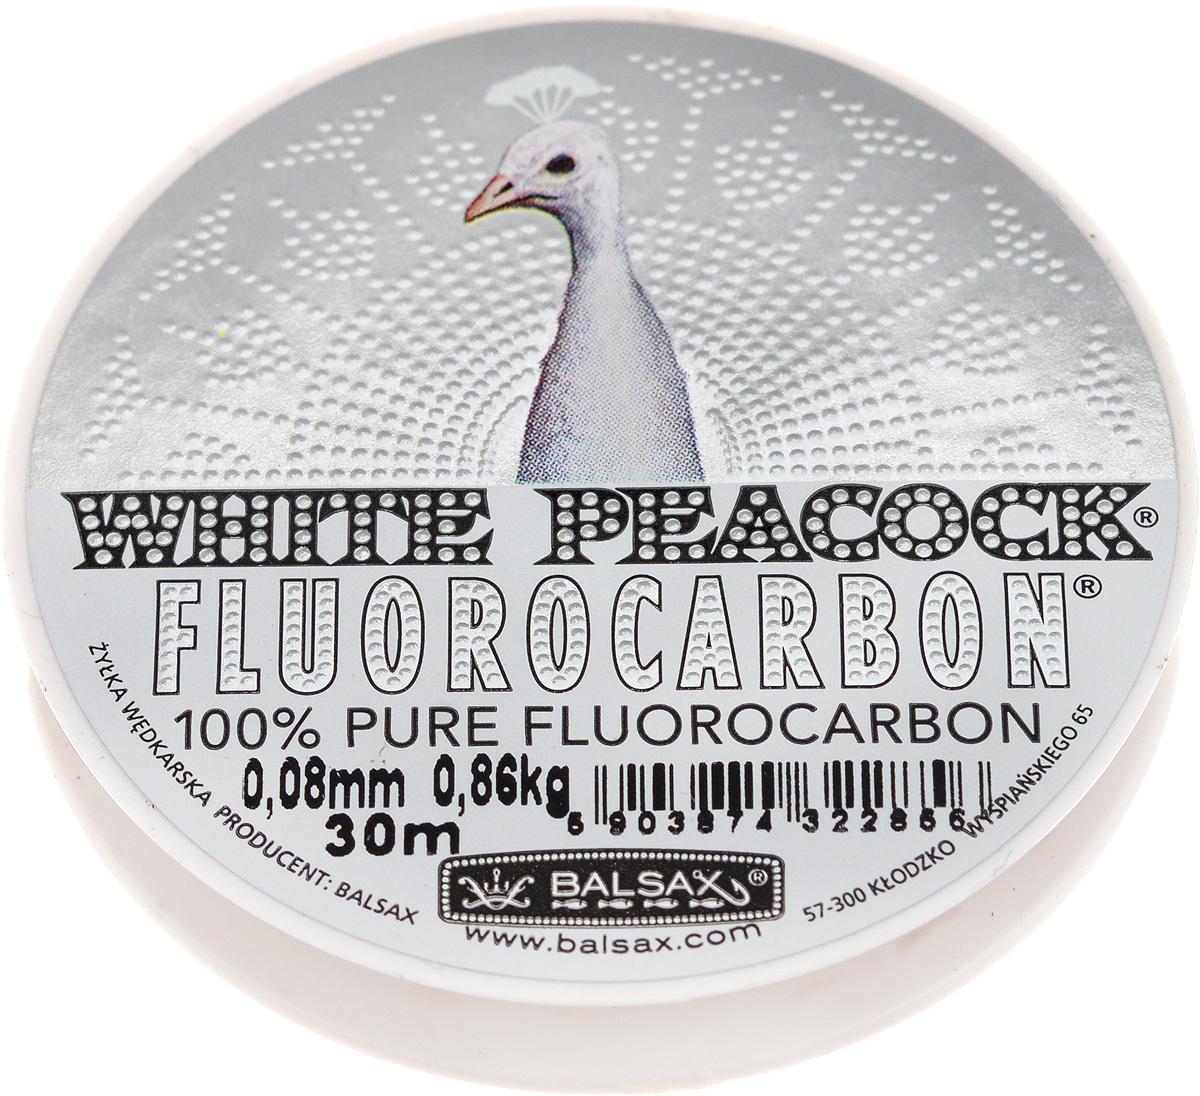 Леска флюорокарбоновая Balsax White Peacock, 30 м, 0,08 мм, 0,86 кгH009Флюорокарбоновая леска Balsax White Peacock становится абсолютно невидимой в воде. Обычные лески отражают световые лучи, поэтому рыбы их обнаруживают. Флюорокарбон имеет приближенный к воде коэффициент преломления, поэтому пропускает сквозь себя свет, не давая отражений. Рыбы не видят флюорокарбон. Многие рыболовы во всем мире используют подобные лески в качестве поводковых, благодаря чему получают более лучшие результаты.Флюорокарбон на 50% тяжелее обычных лесок и на 78% тяжелее воды. Понятно, почему этот материал используется для рыболовных лесок, он тонет очень быстро. Флюорокарбон не впитывает воду даже через 100 часов нахождения в ней. Обычные лески впитывают до 10% воды в течение 24 часов, что приводит к потере 5 - 10% прочности. Сопротивляемость флюорокарбона к истиранию значительно больше, чем у обычных лесок. Он выдерживает температуры от -40°C до +160°C.